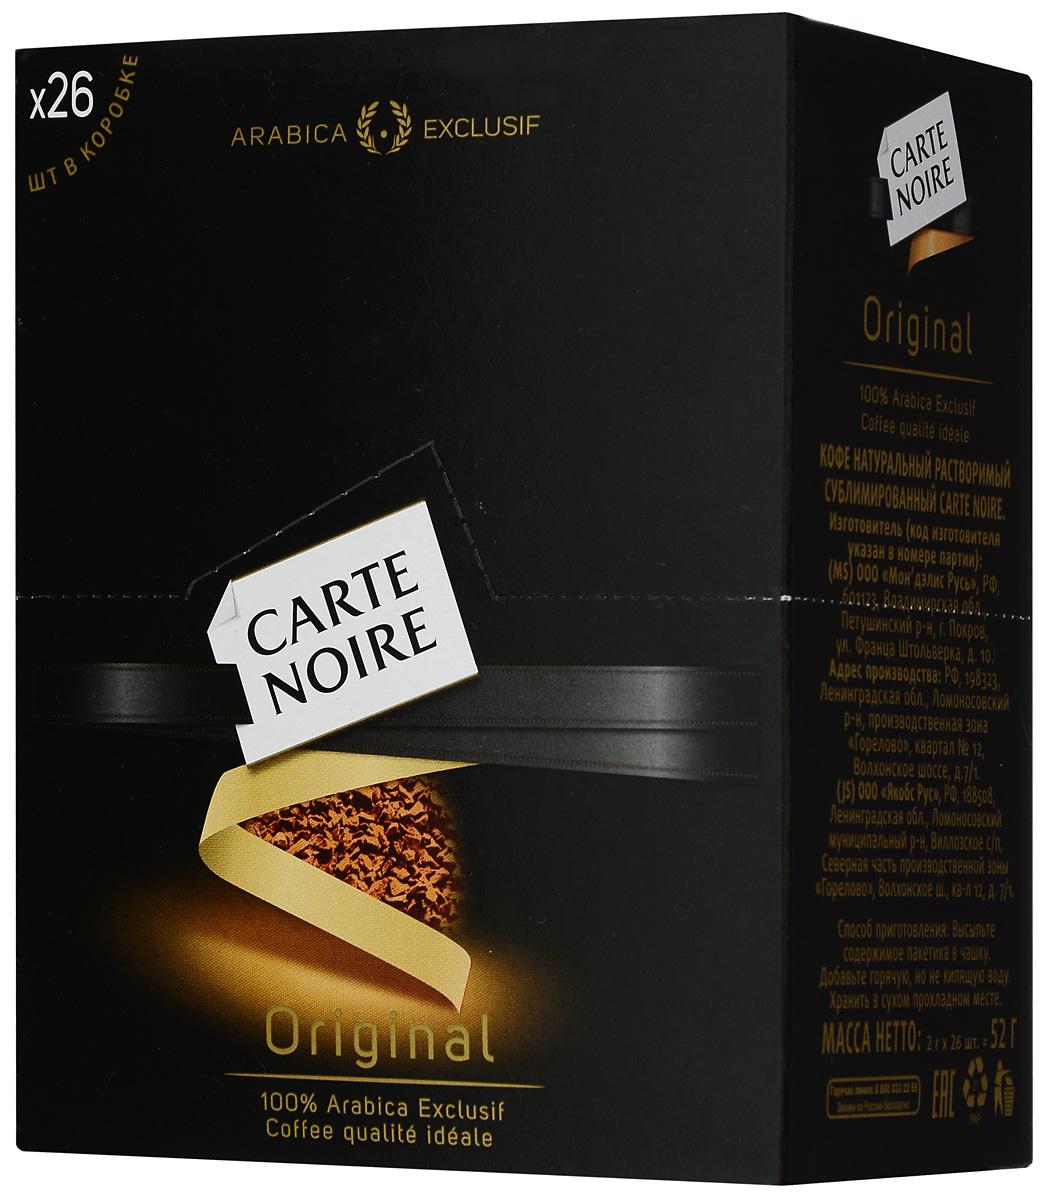 Carte Noire Original кофе растворимый в пакетиках, 26 шт625647Достигнув совершенства в кофейном мастерстве, Carte Noire создал новый стандарт качества кофе. Обжарка Carte Noire Огонь и Лед раскрывает всю интенсивность и богатство вкуса натурального кофейного зерна. Так же как лед украшает пламя, холодный поток останавливает обжарку на самом пике, чтобы создать совершенный насыщенный кофе. В этом столкновении контрастов рождается исключительность Carte Noire - его безупречный насыщенный вкус и непревзойденное качество. Для создания нового вкуса совершенного французского кофе Carte Noire используются высококачественные кофейные зерна 100% Arabica Exclusif.